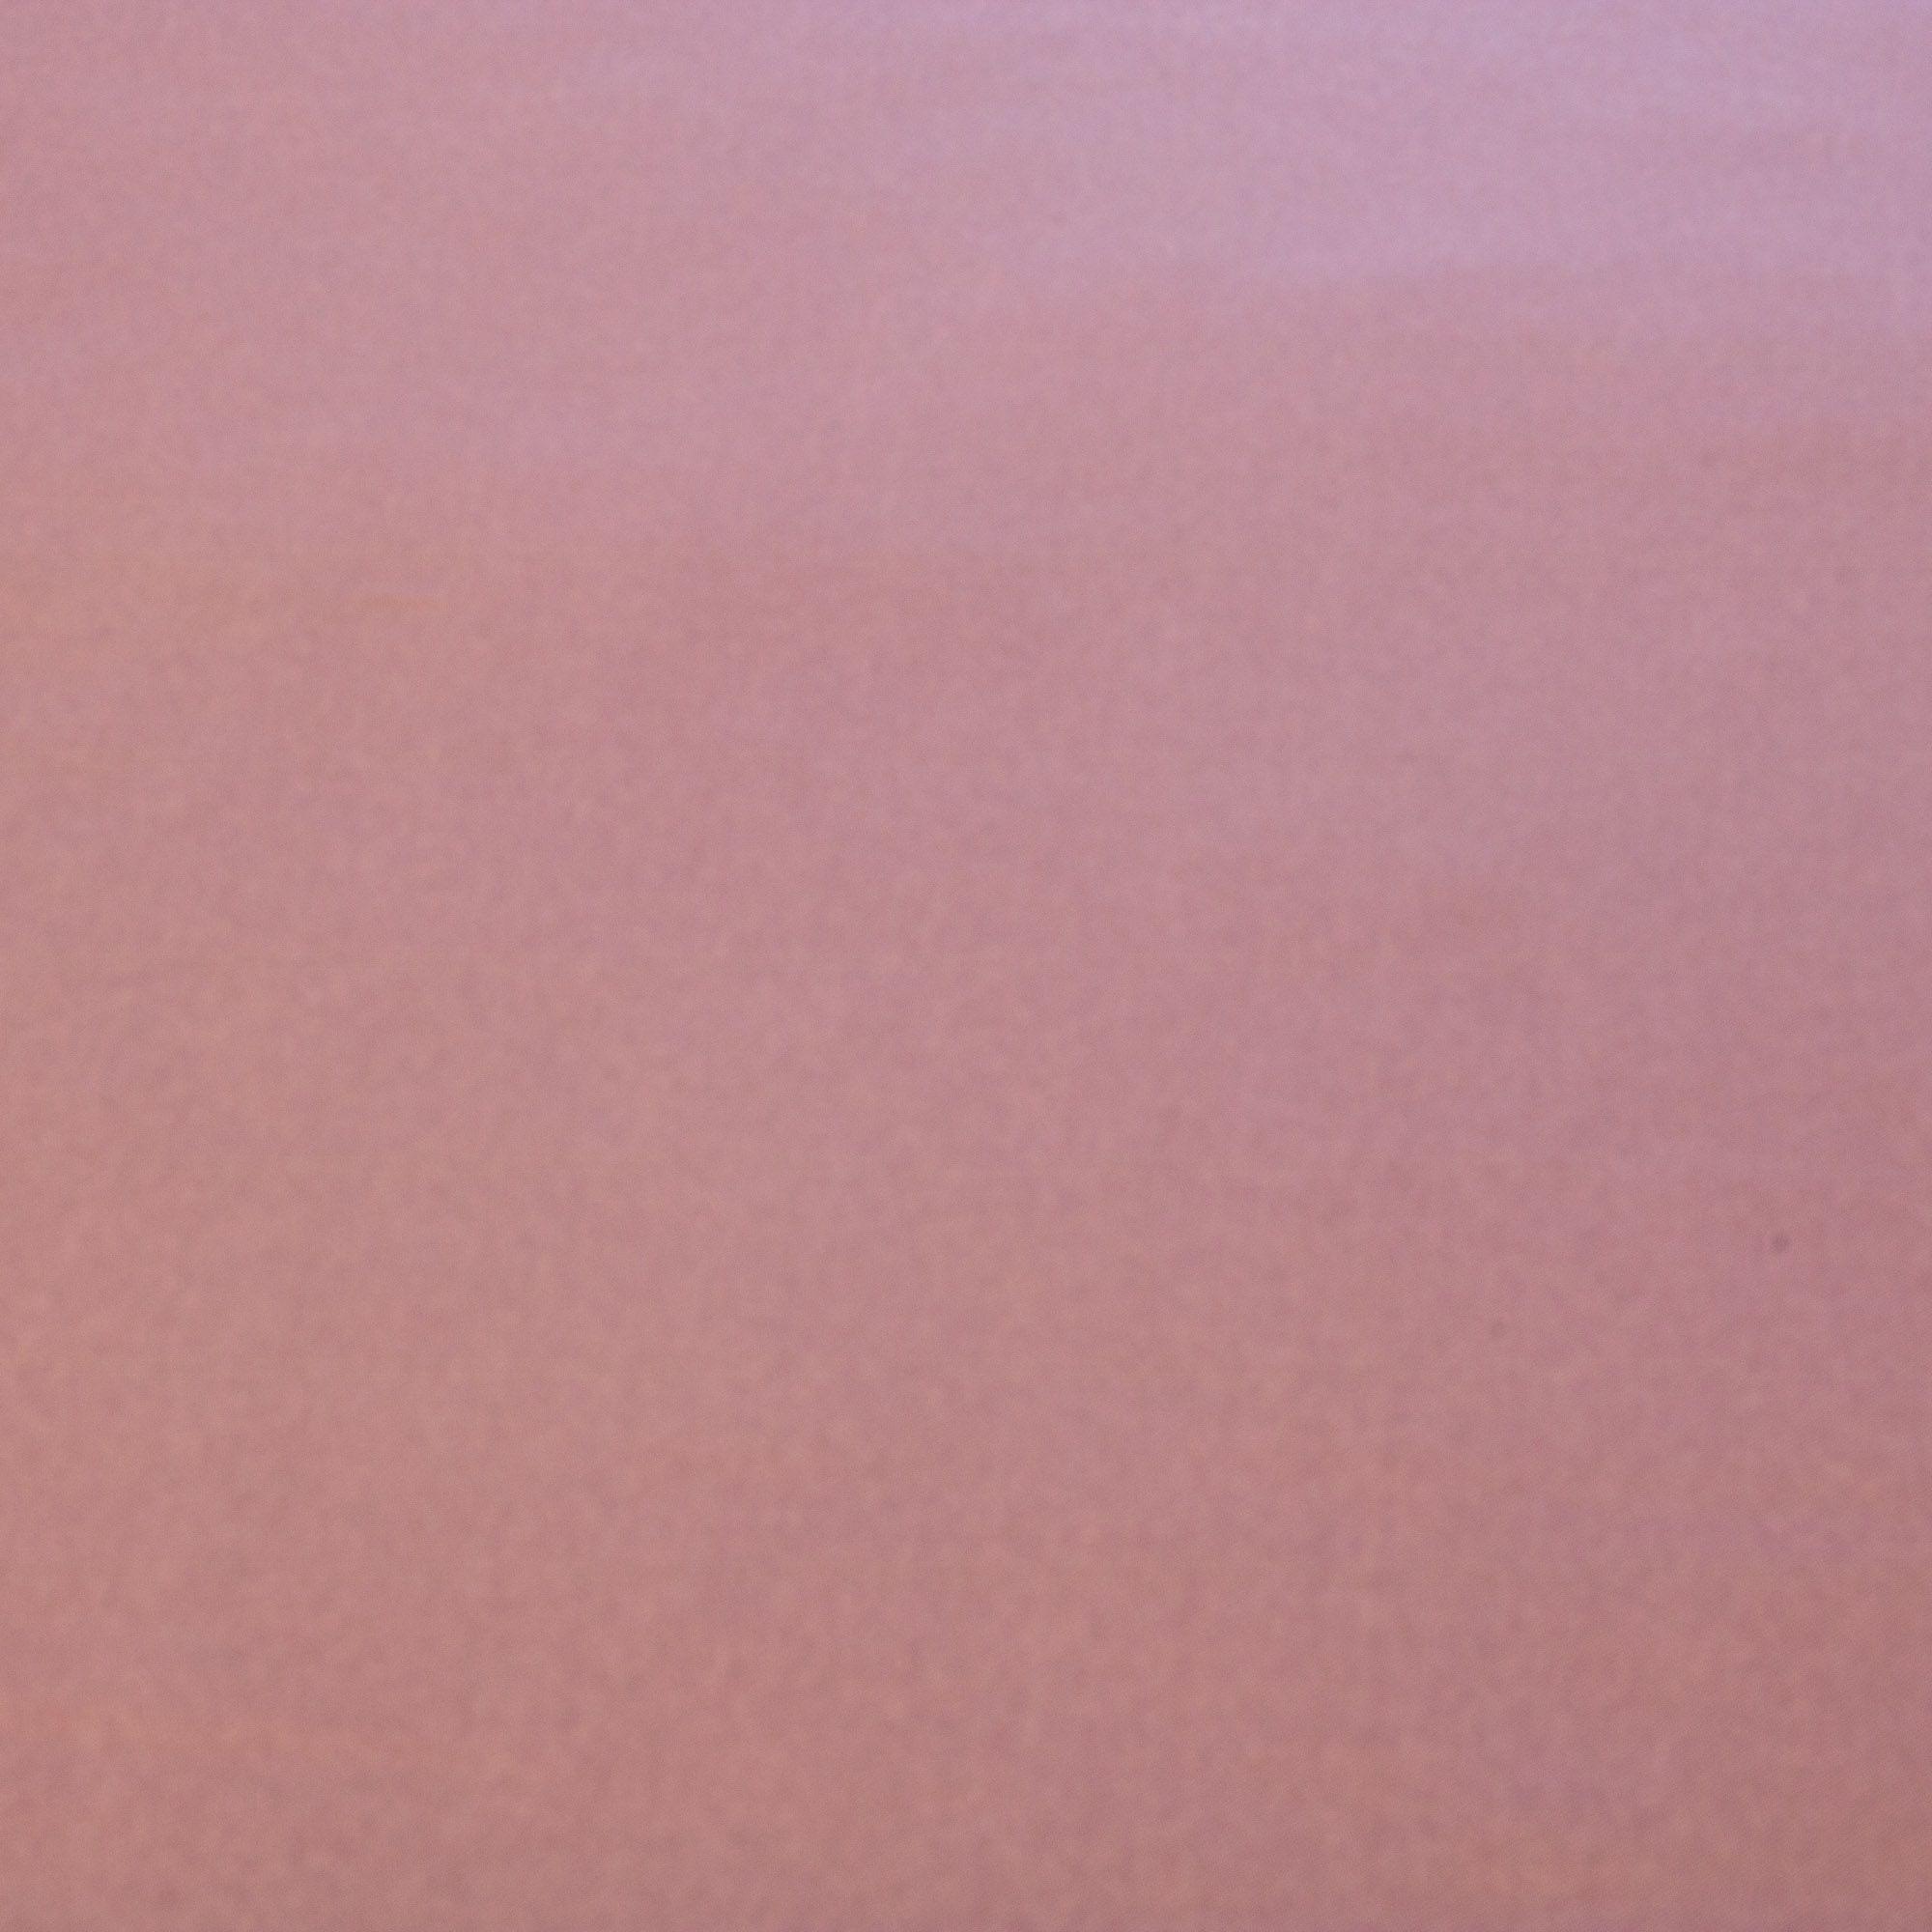 Tecido Cetim de Forro Roxo 100% Poliester 1,40 m Largura